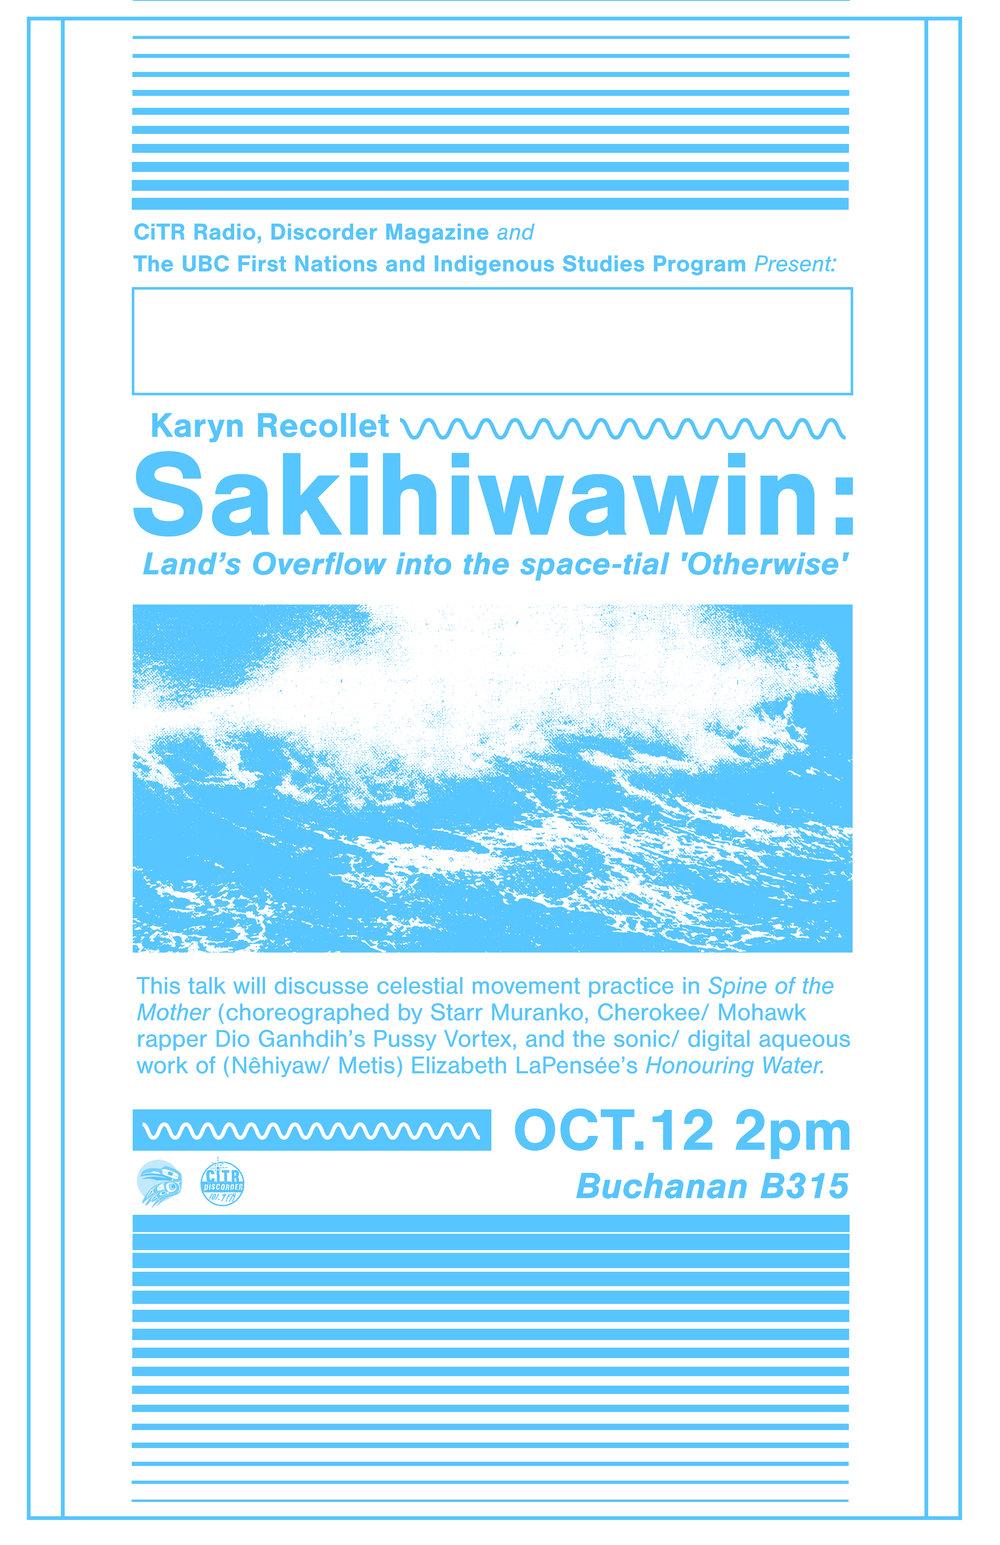 Sakihiwawin_Oct2017_Poster.jpeg